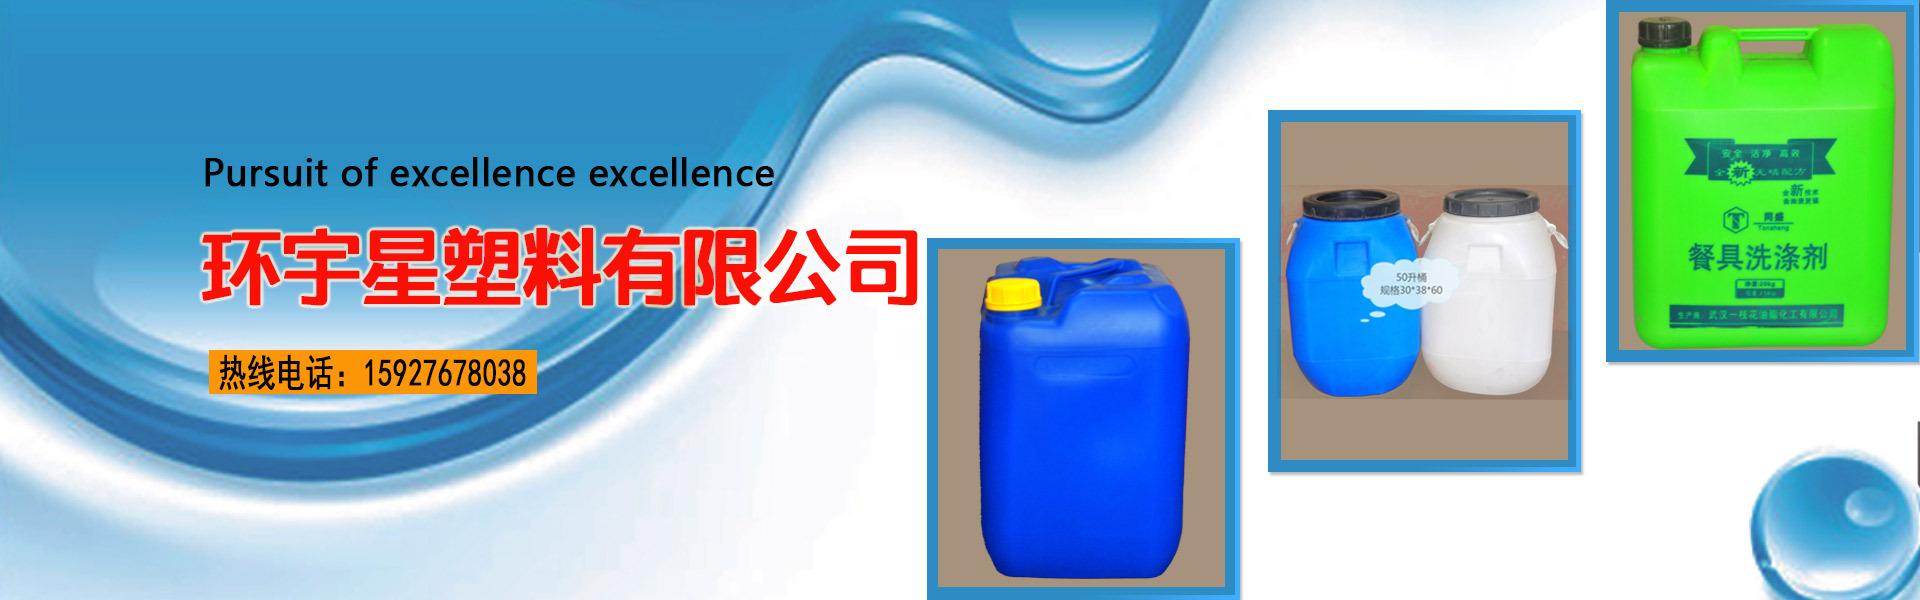 武汉环宇星塑料有限公司网站首页图-武汉千赢app 客户端下载